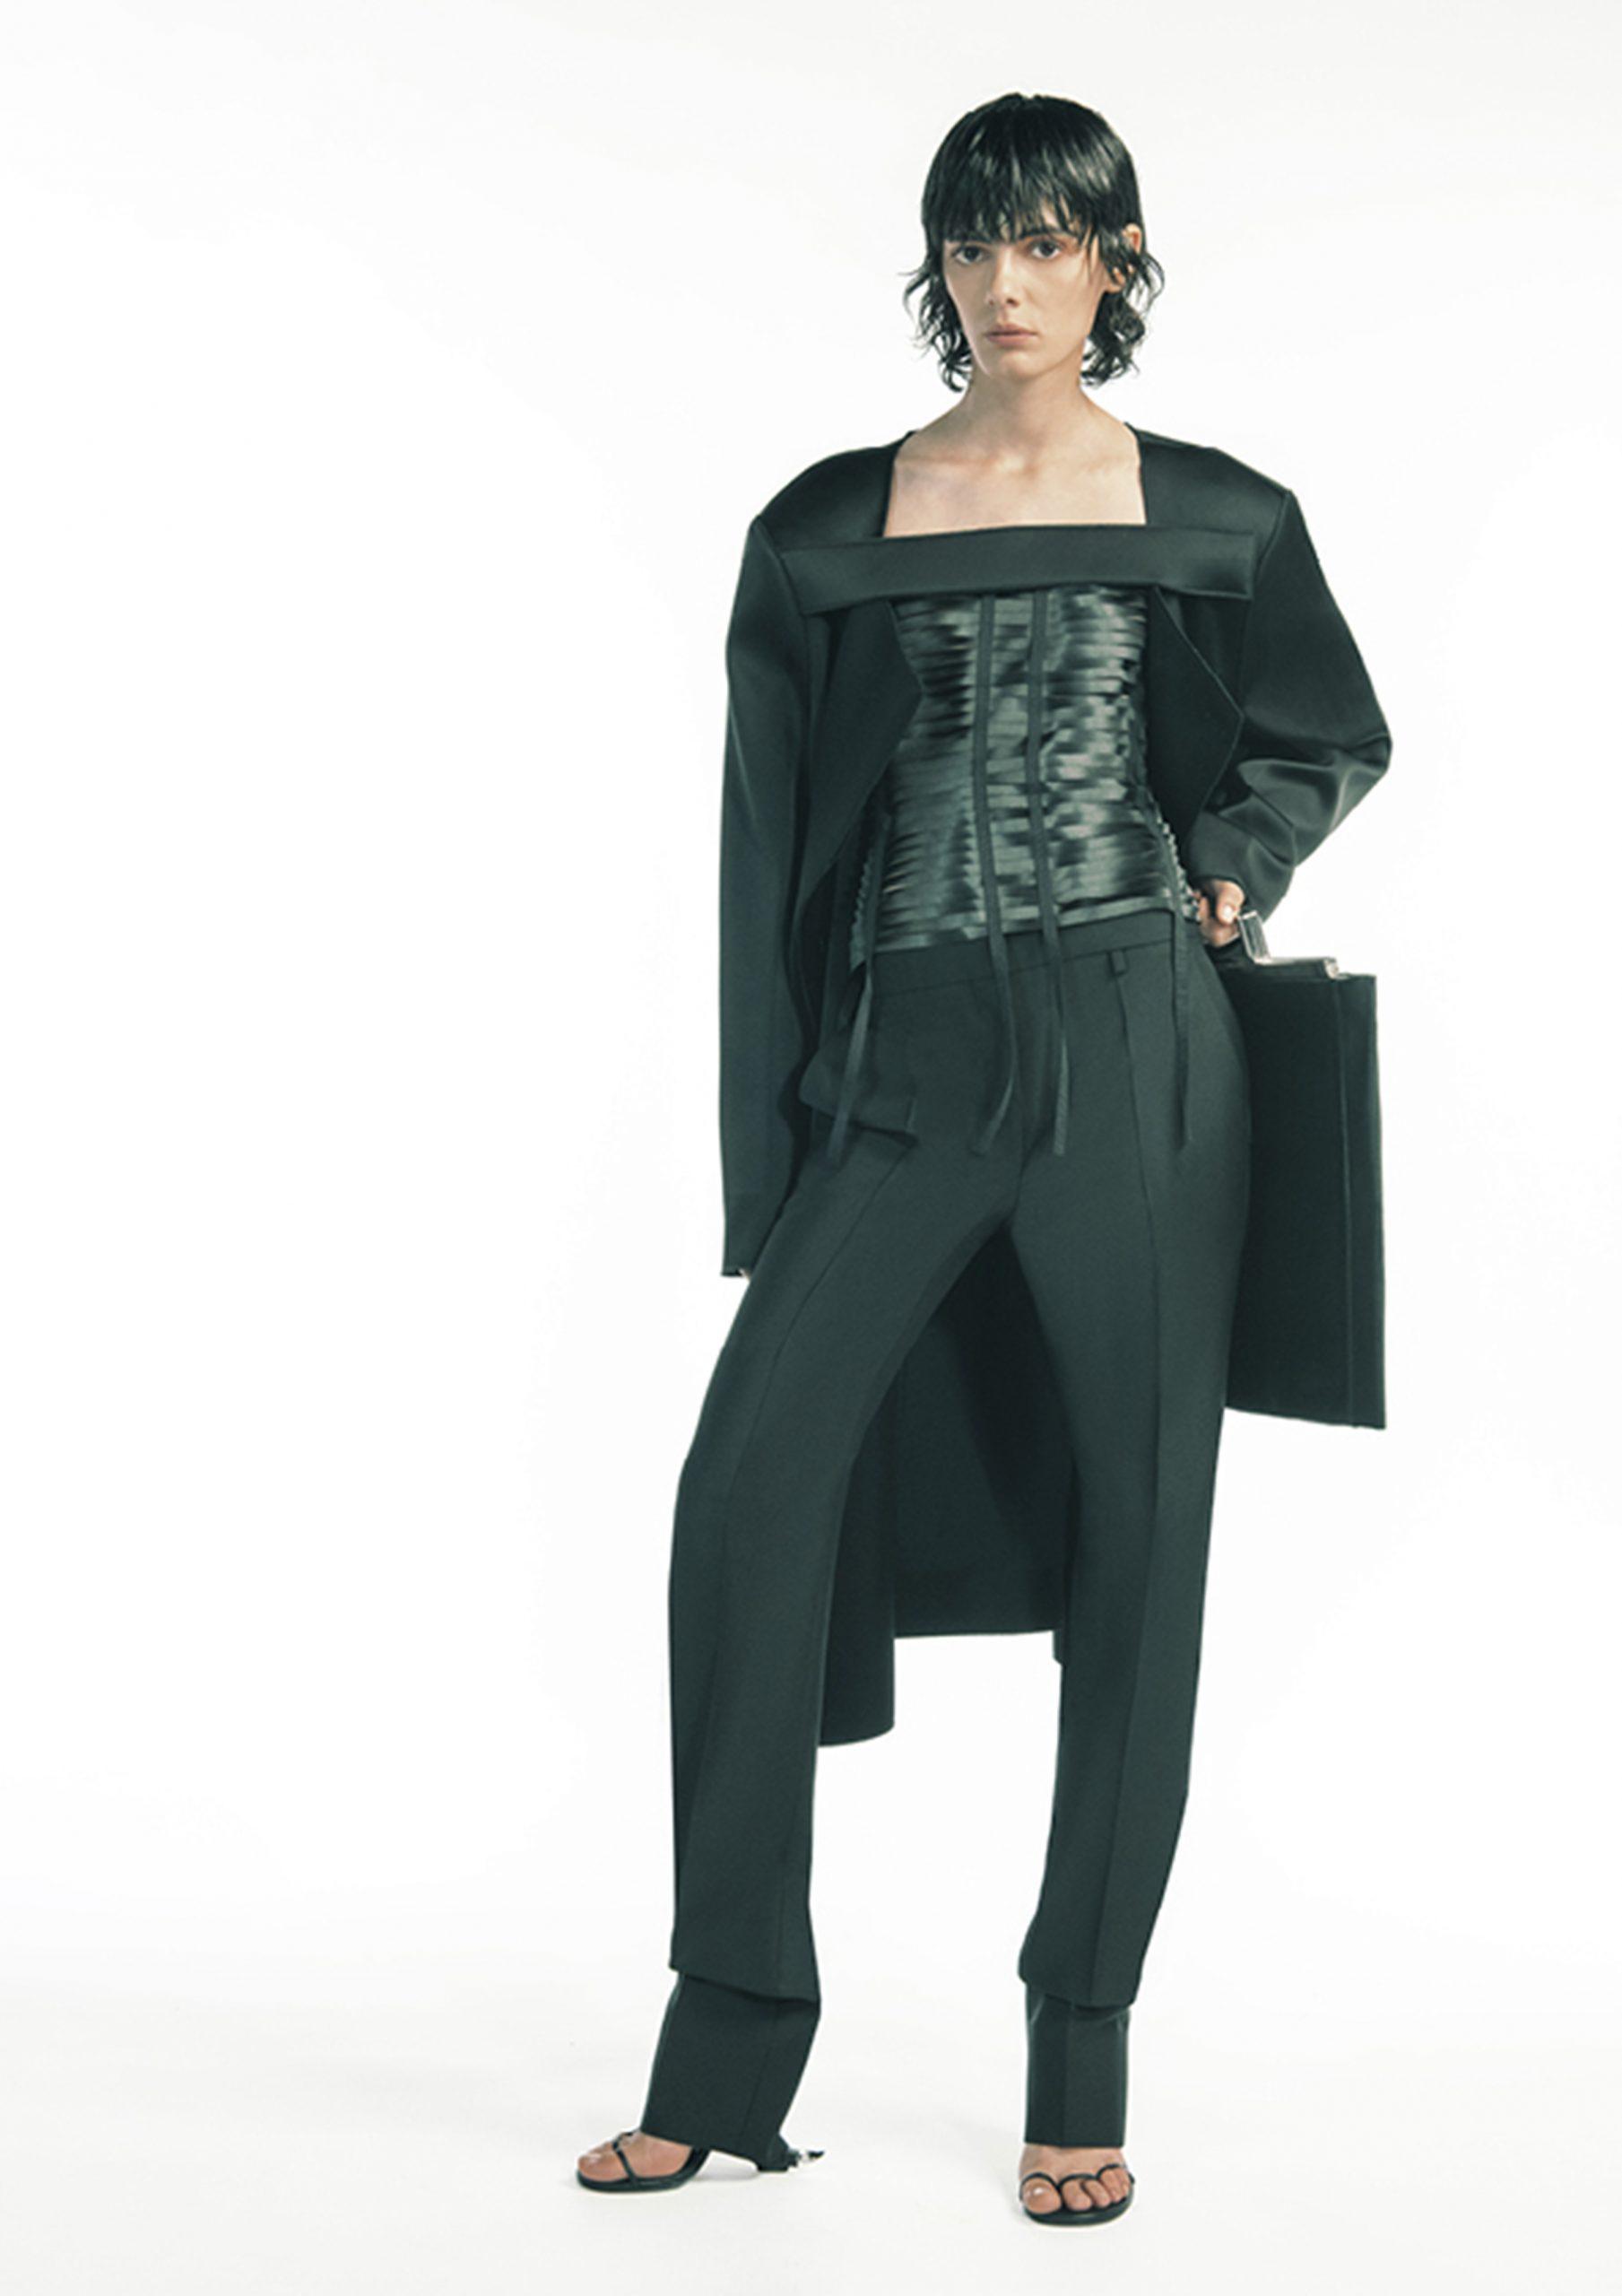 16. kép: Párizsi divathét - 2021 tavasz-nyár - ready to wear - Givenchy